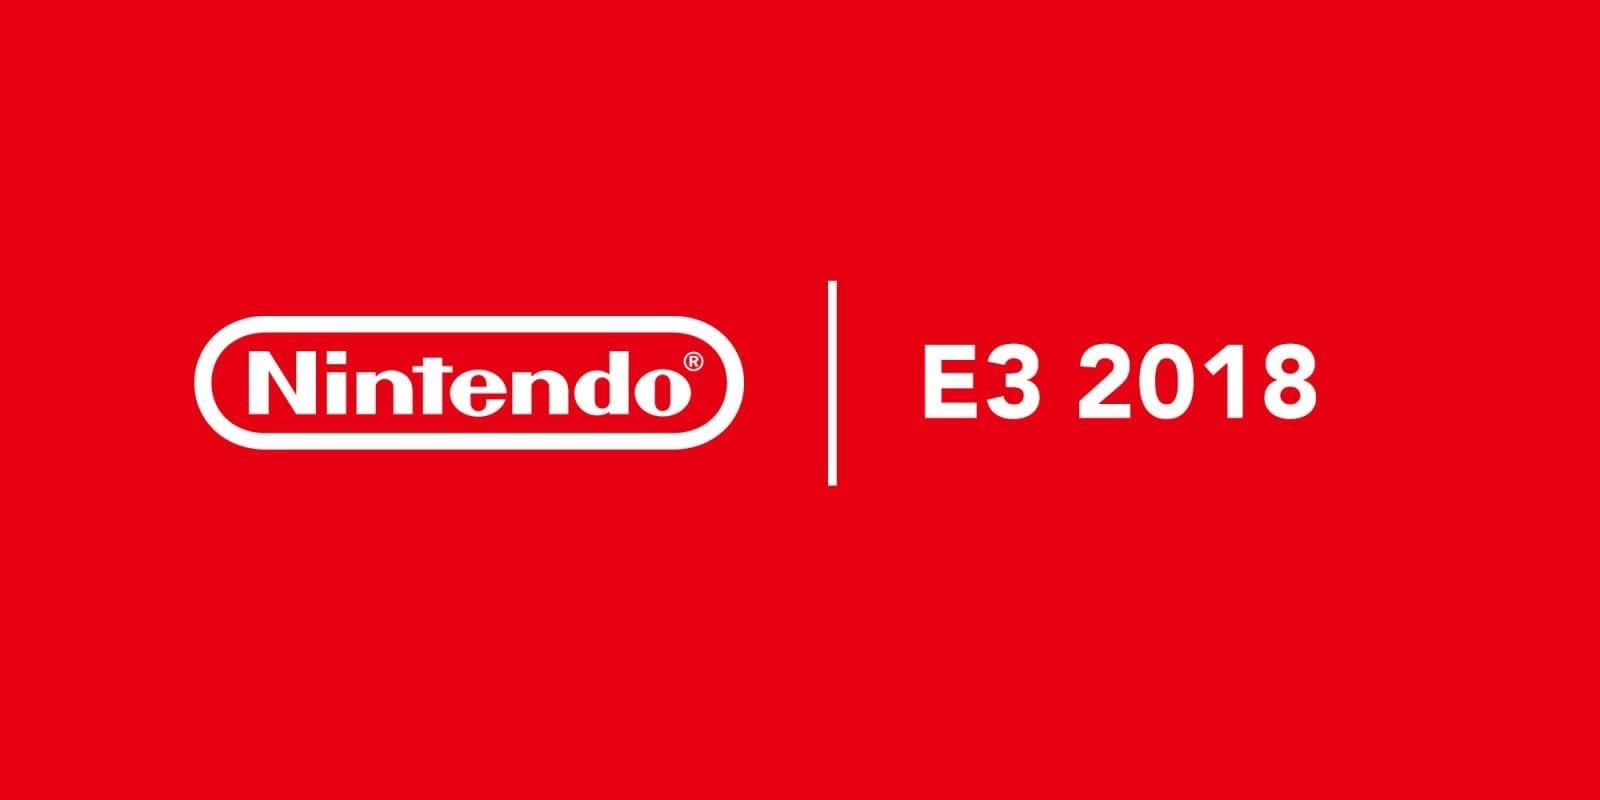 Gaming News: E3 2018 – Nintendo Conference Recap